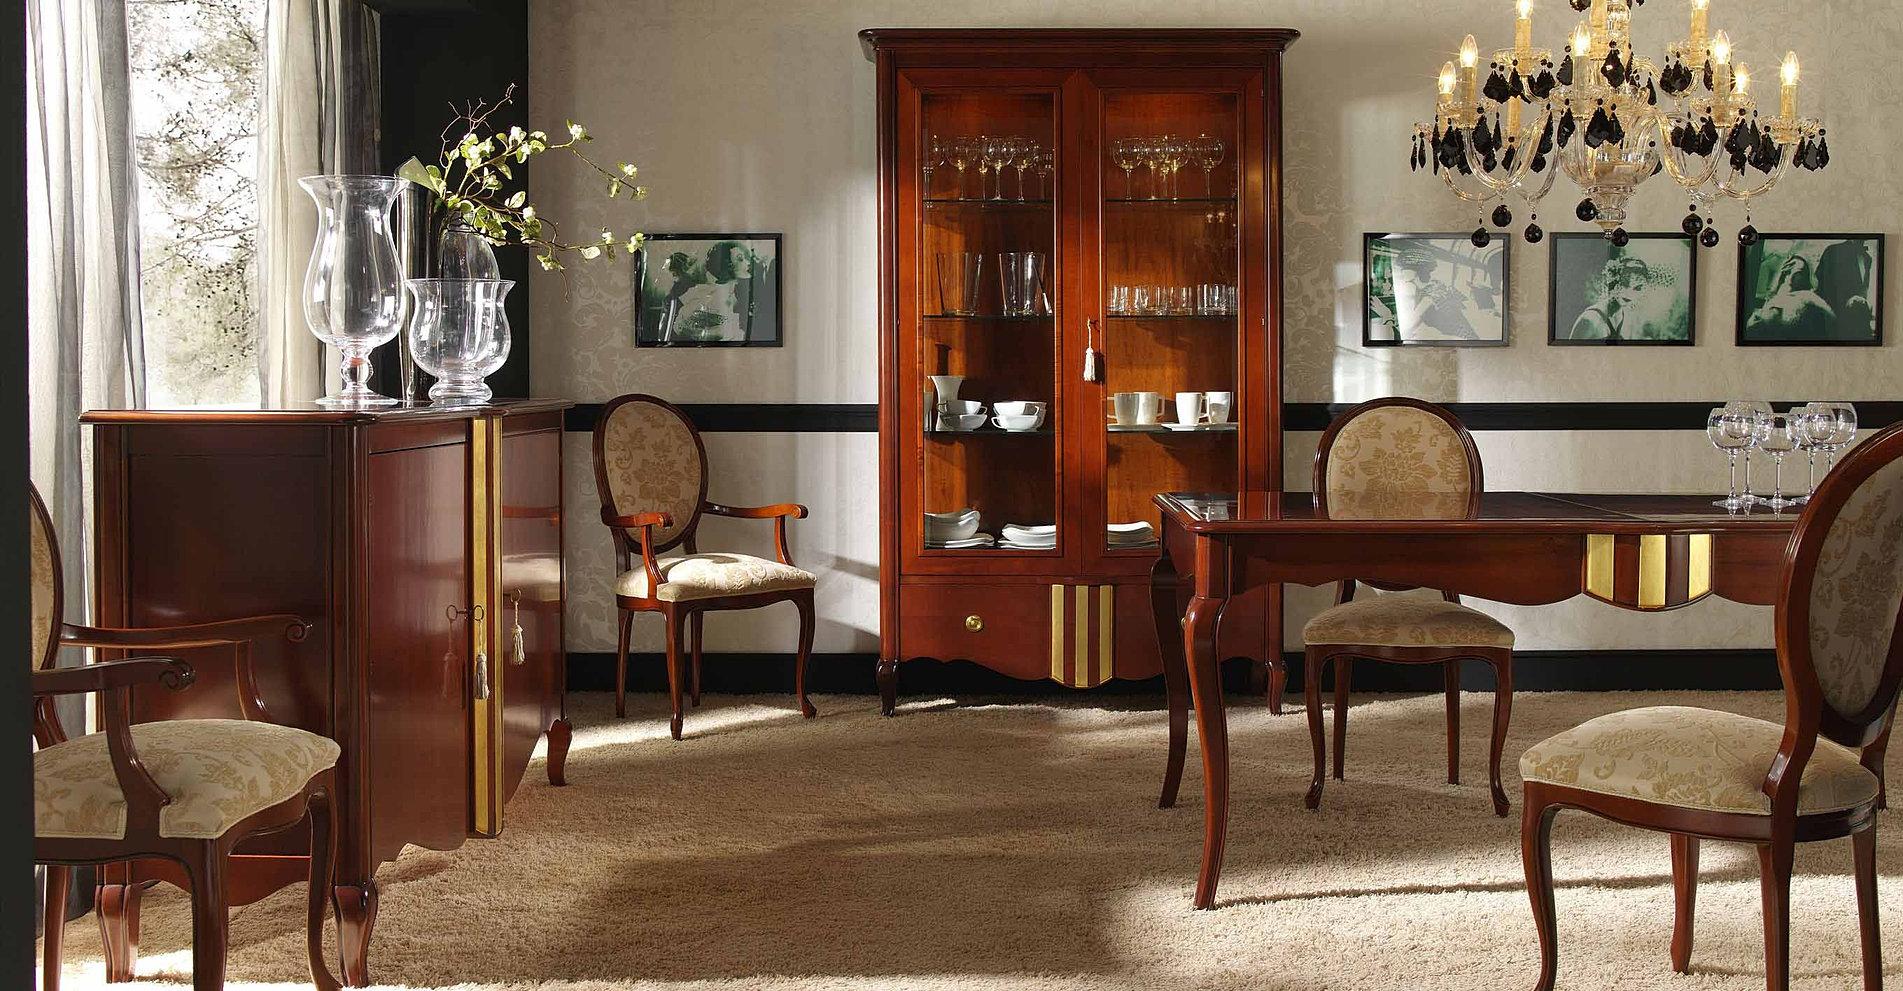 Tienda de muebles en valladolid muebles de elite salones clasicos - Muebles juveniles valladolid ...